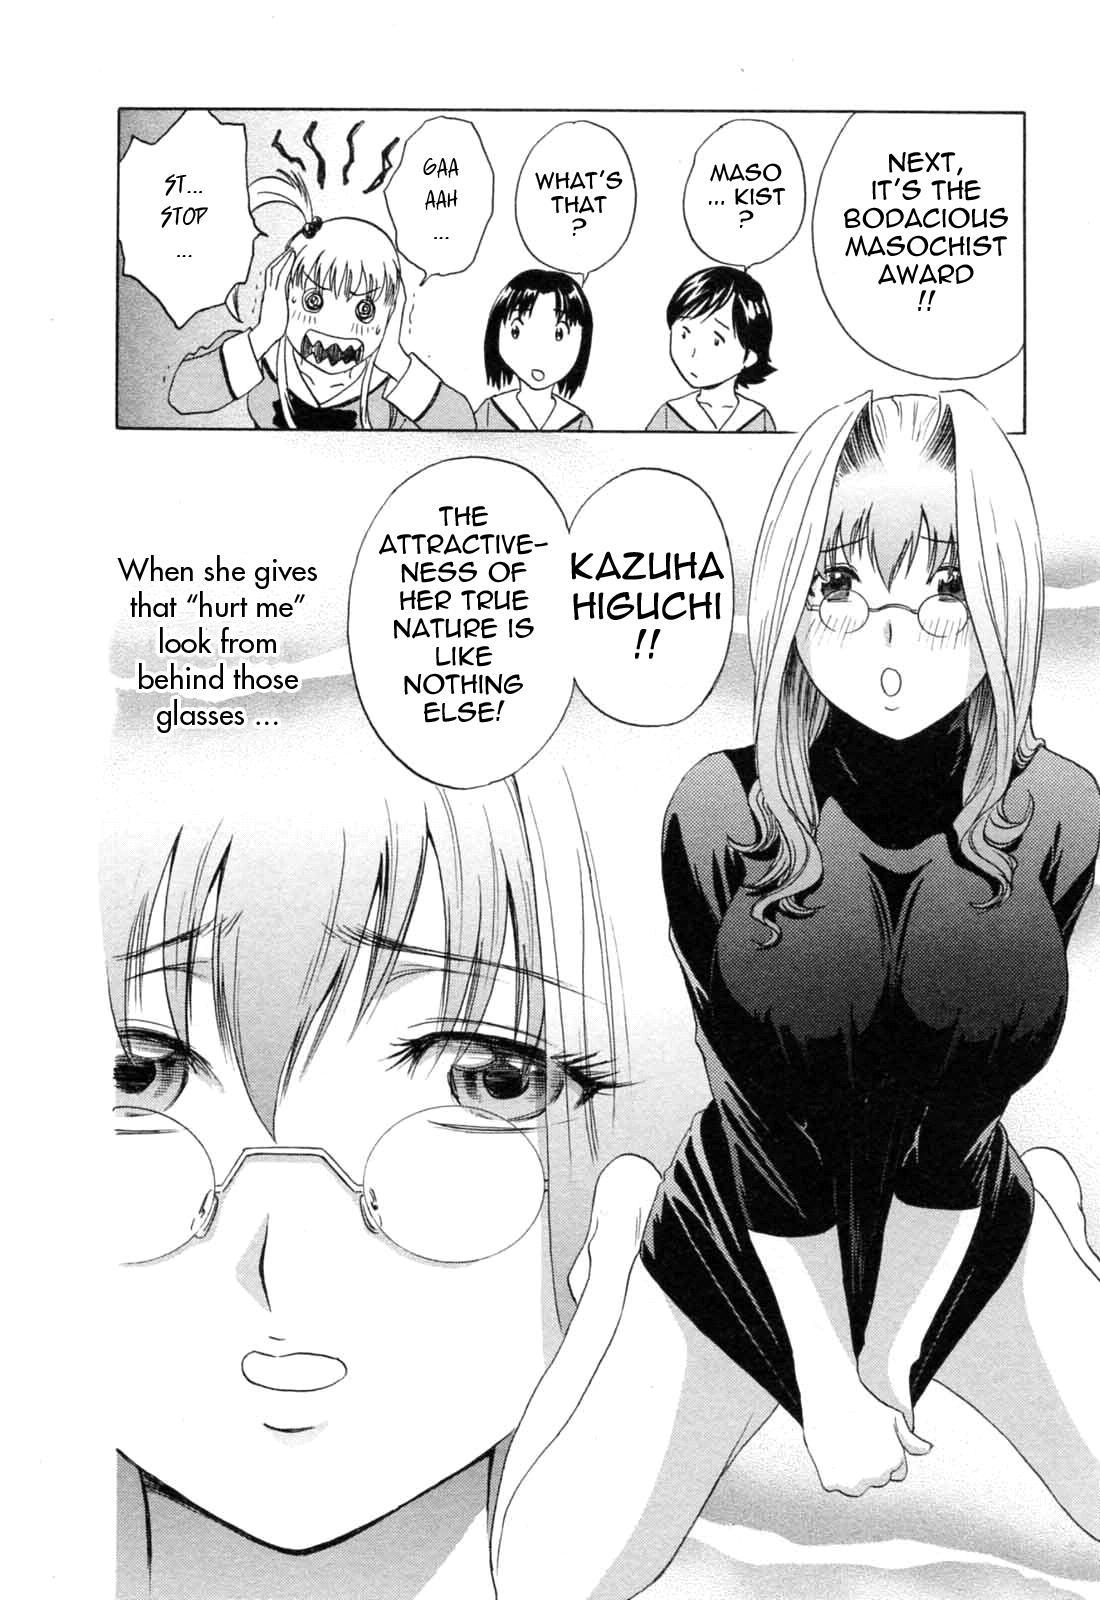 [Hidemaru] Mo-Retsu! Boin Sensei (Boing Boing Teacher) Vol.5 [English] [4dawgz] [Tadanohito] 180